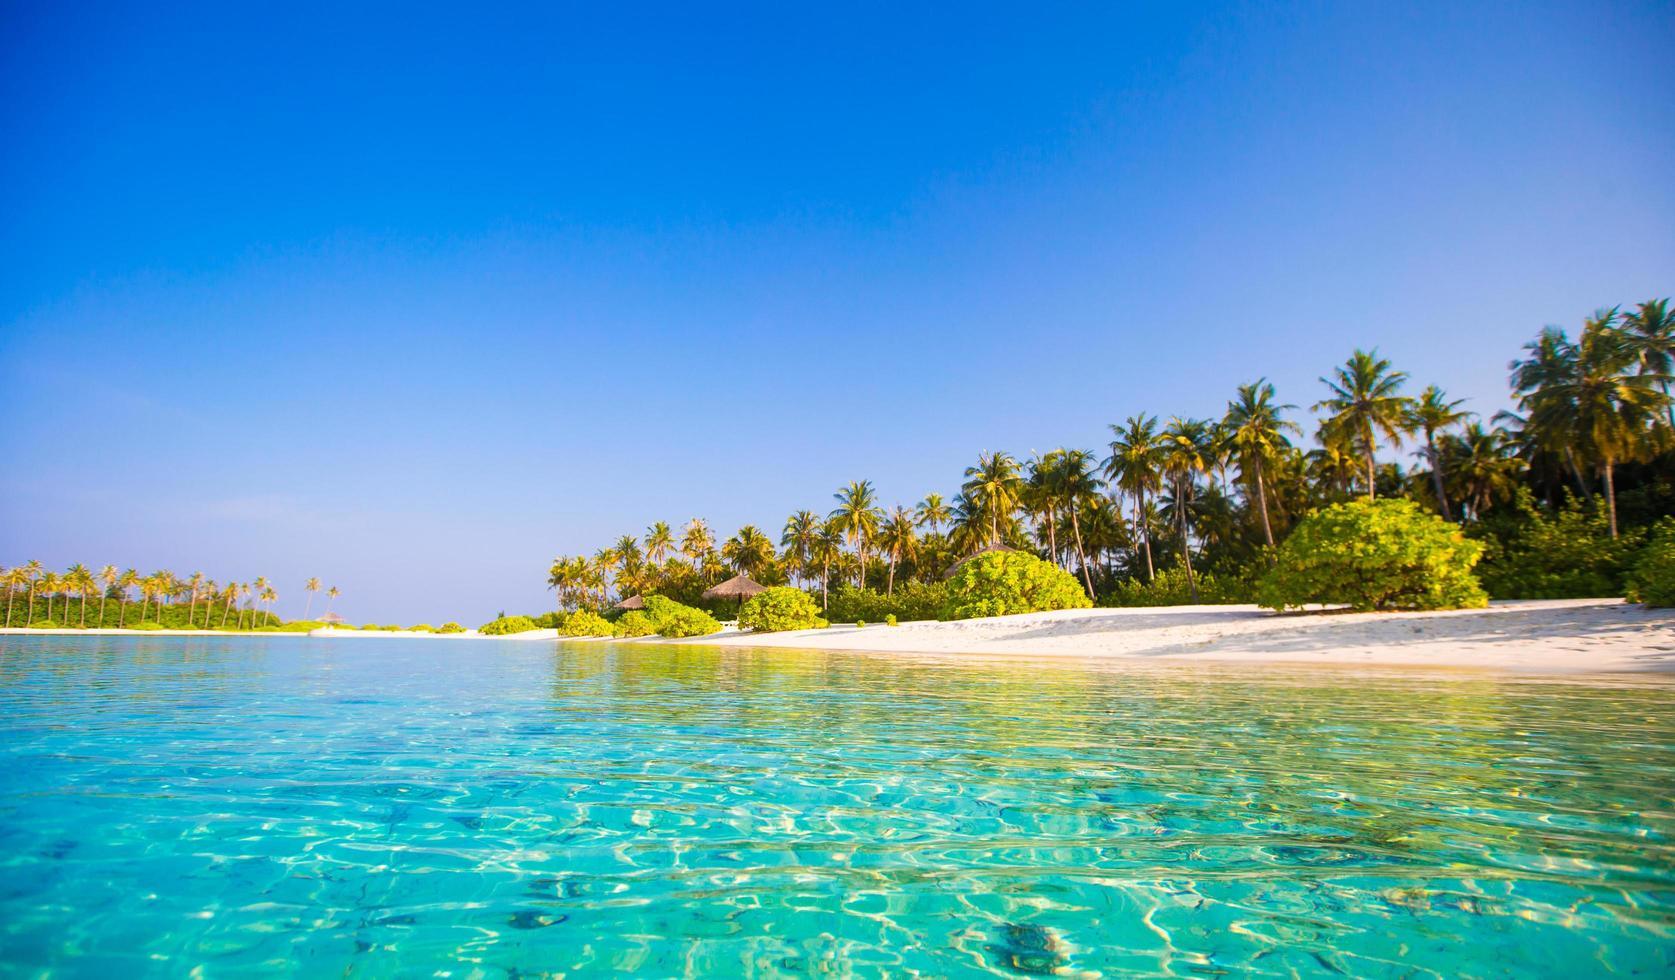 helder blauw water op een strand foto